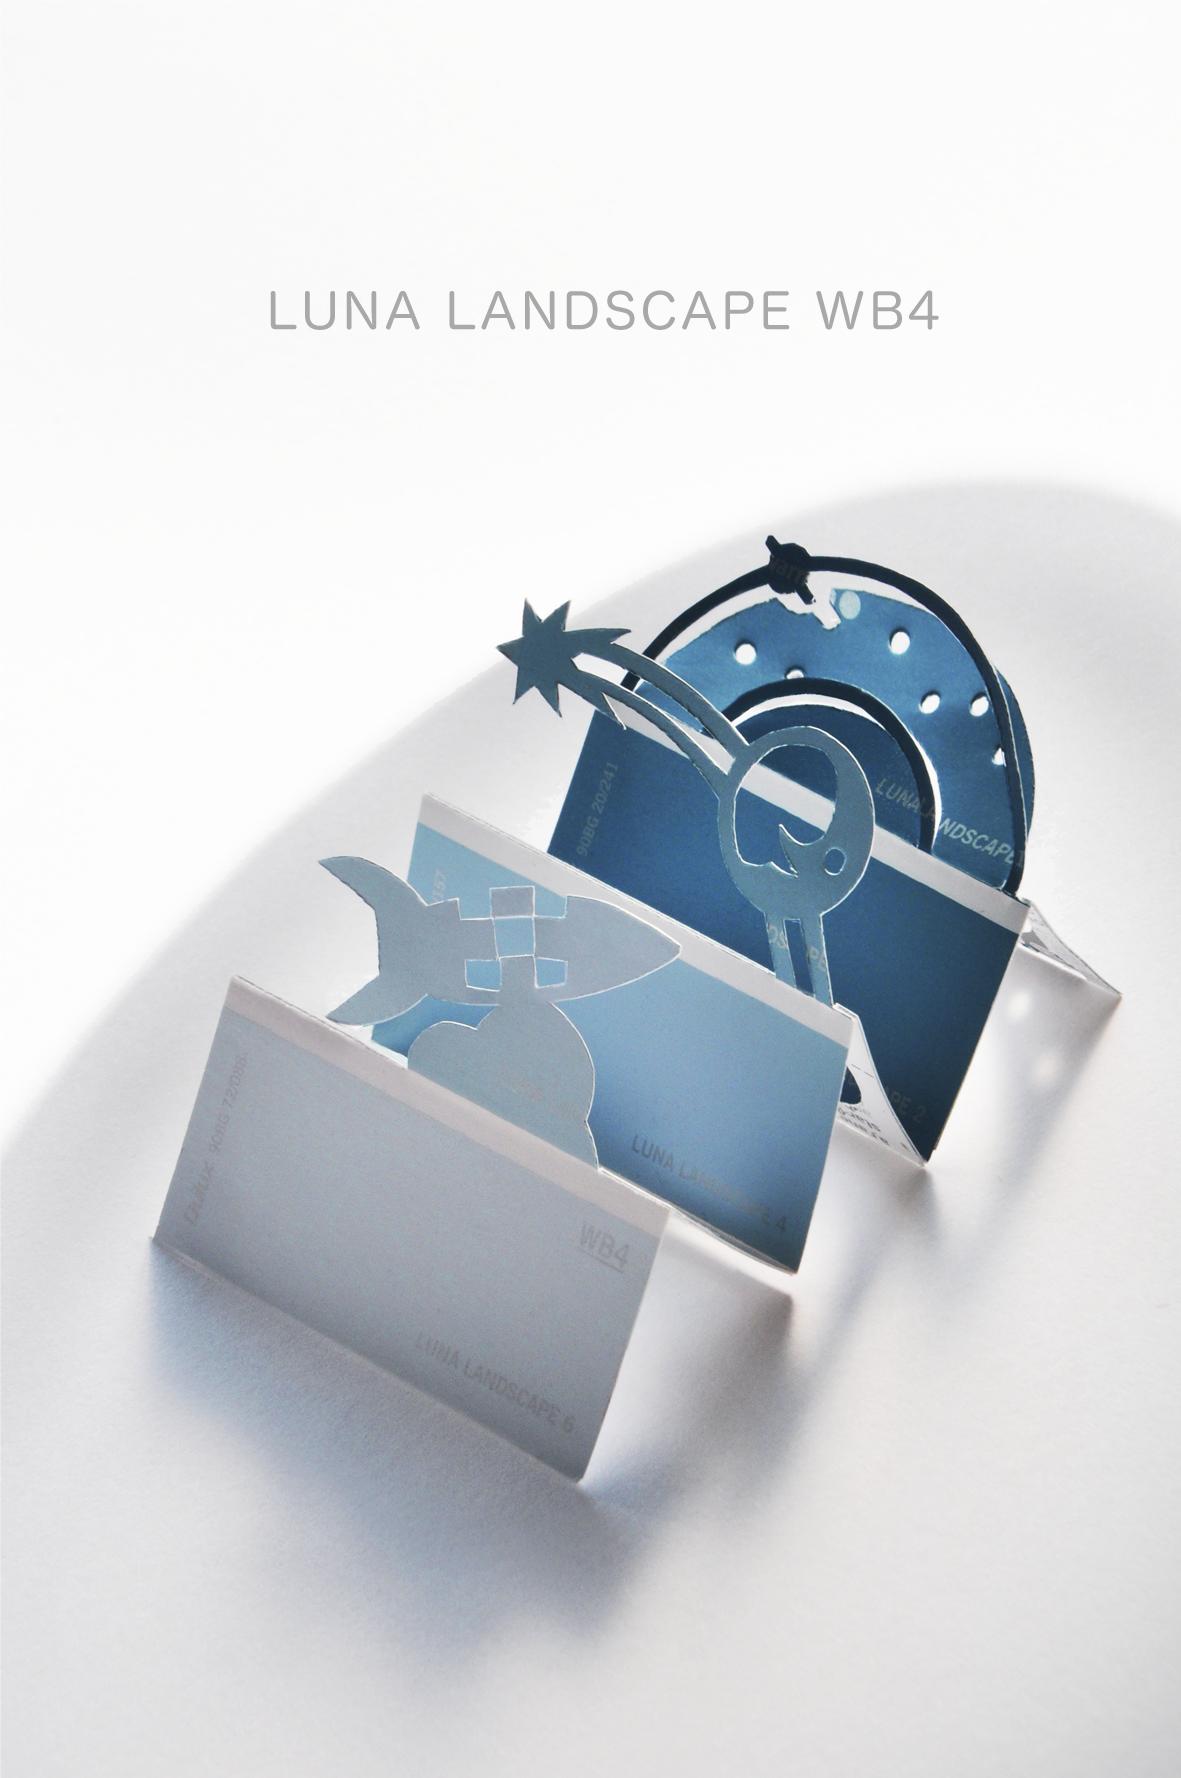 LUNA LANDSCAPE WB4